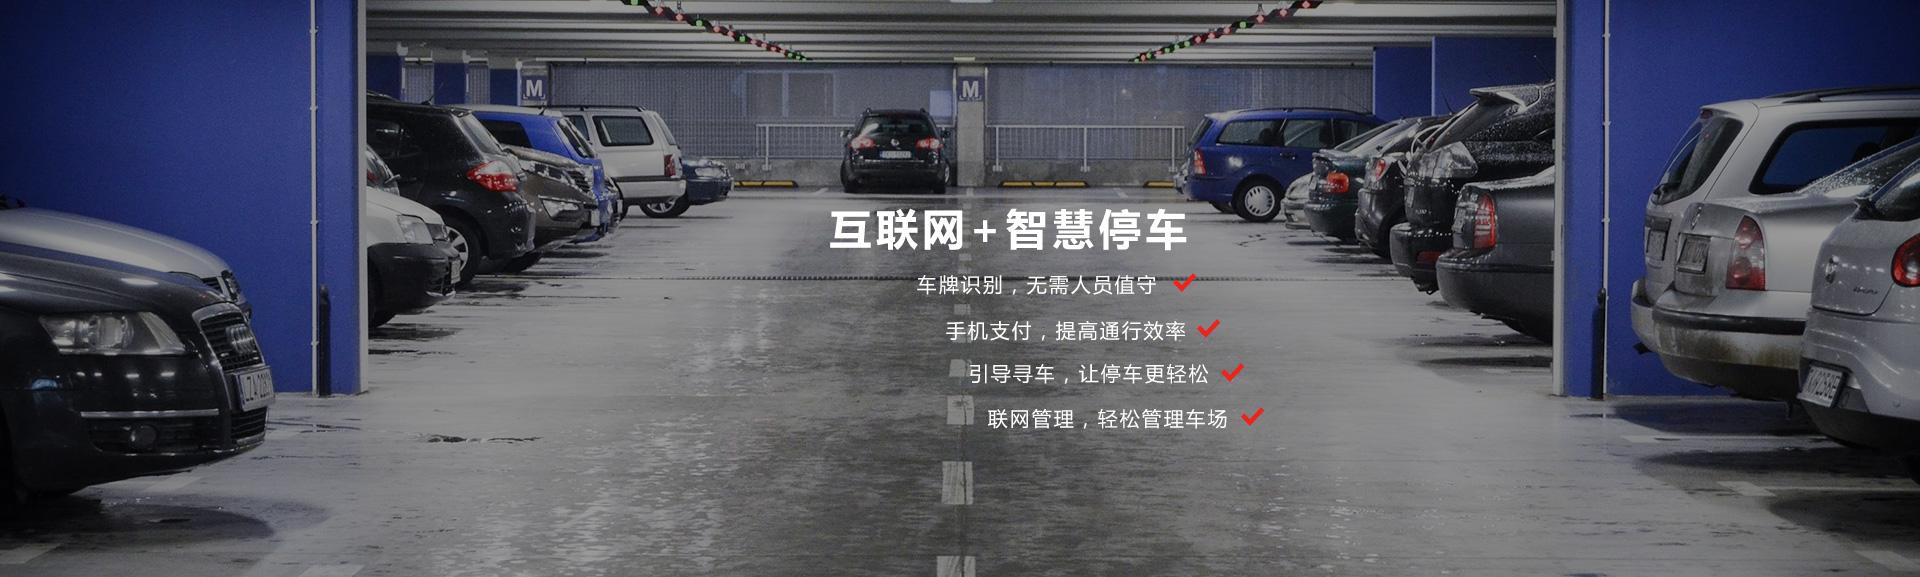 雲停(ting)車(che)場